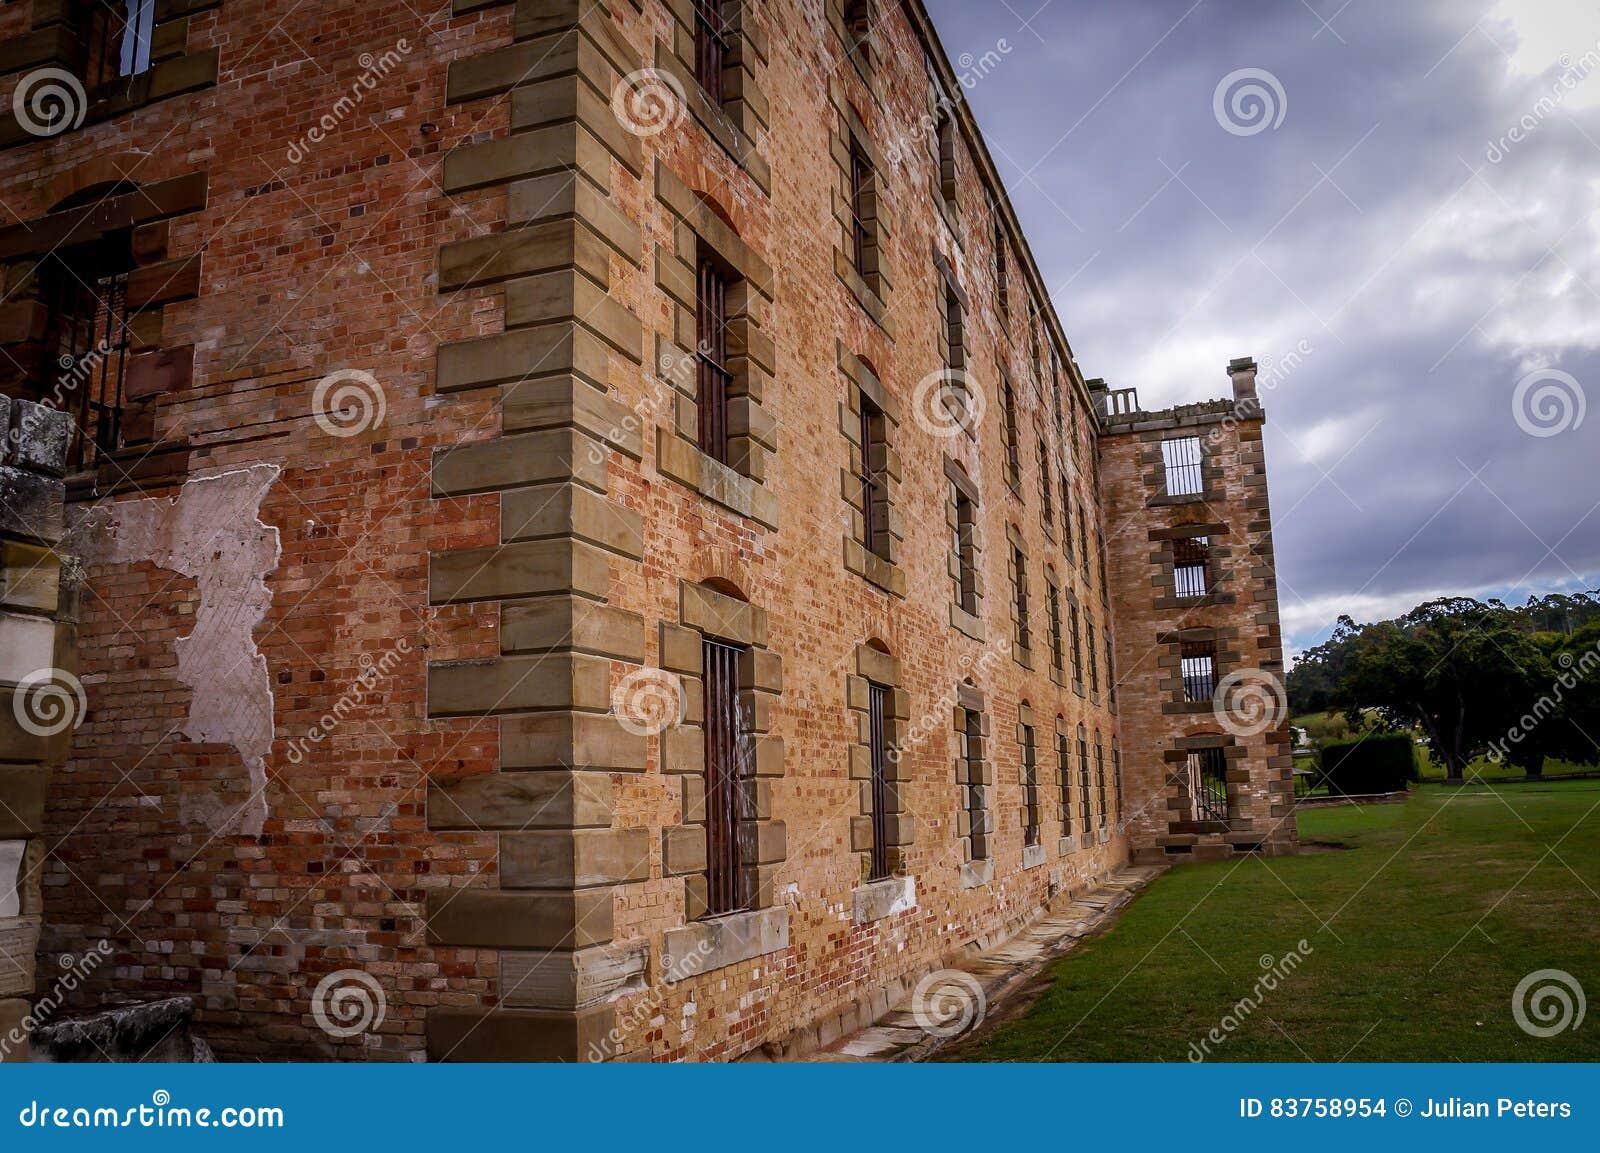 Historisch veroordeel Structuren in Port Arthur, Tasmanige, Australië